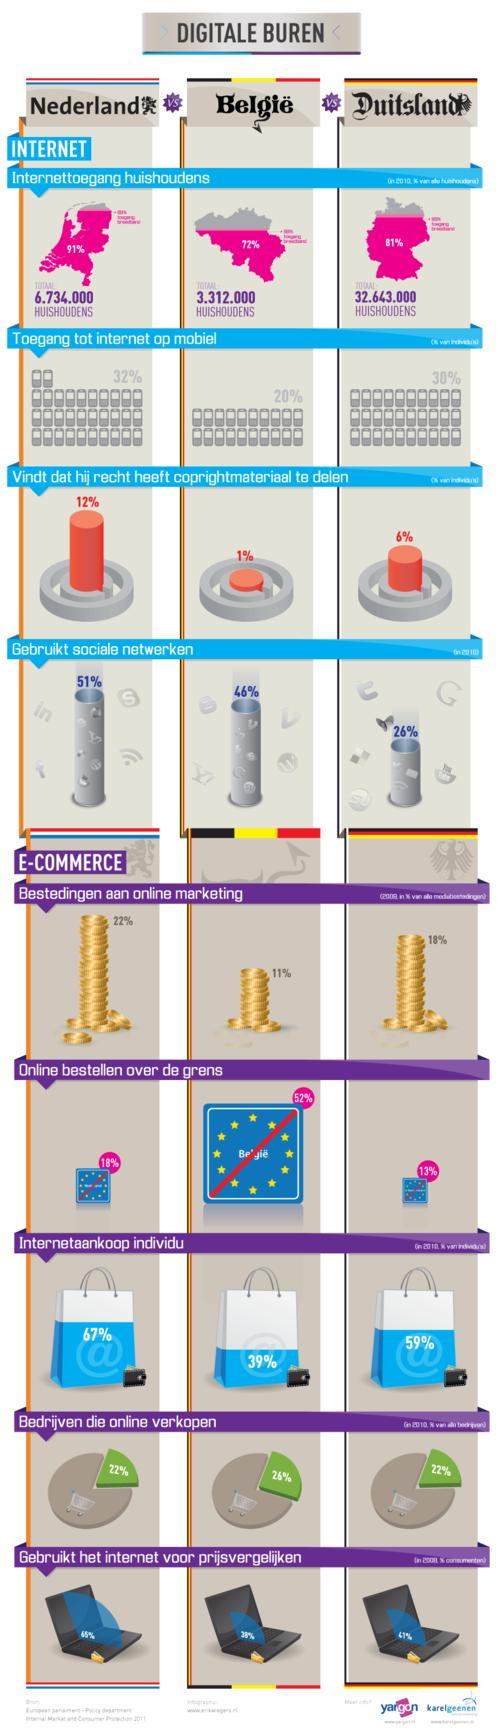 Infographic_digitale_buren